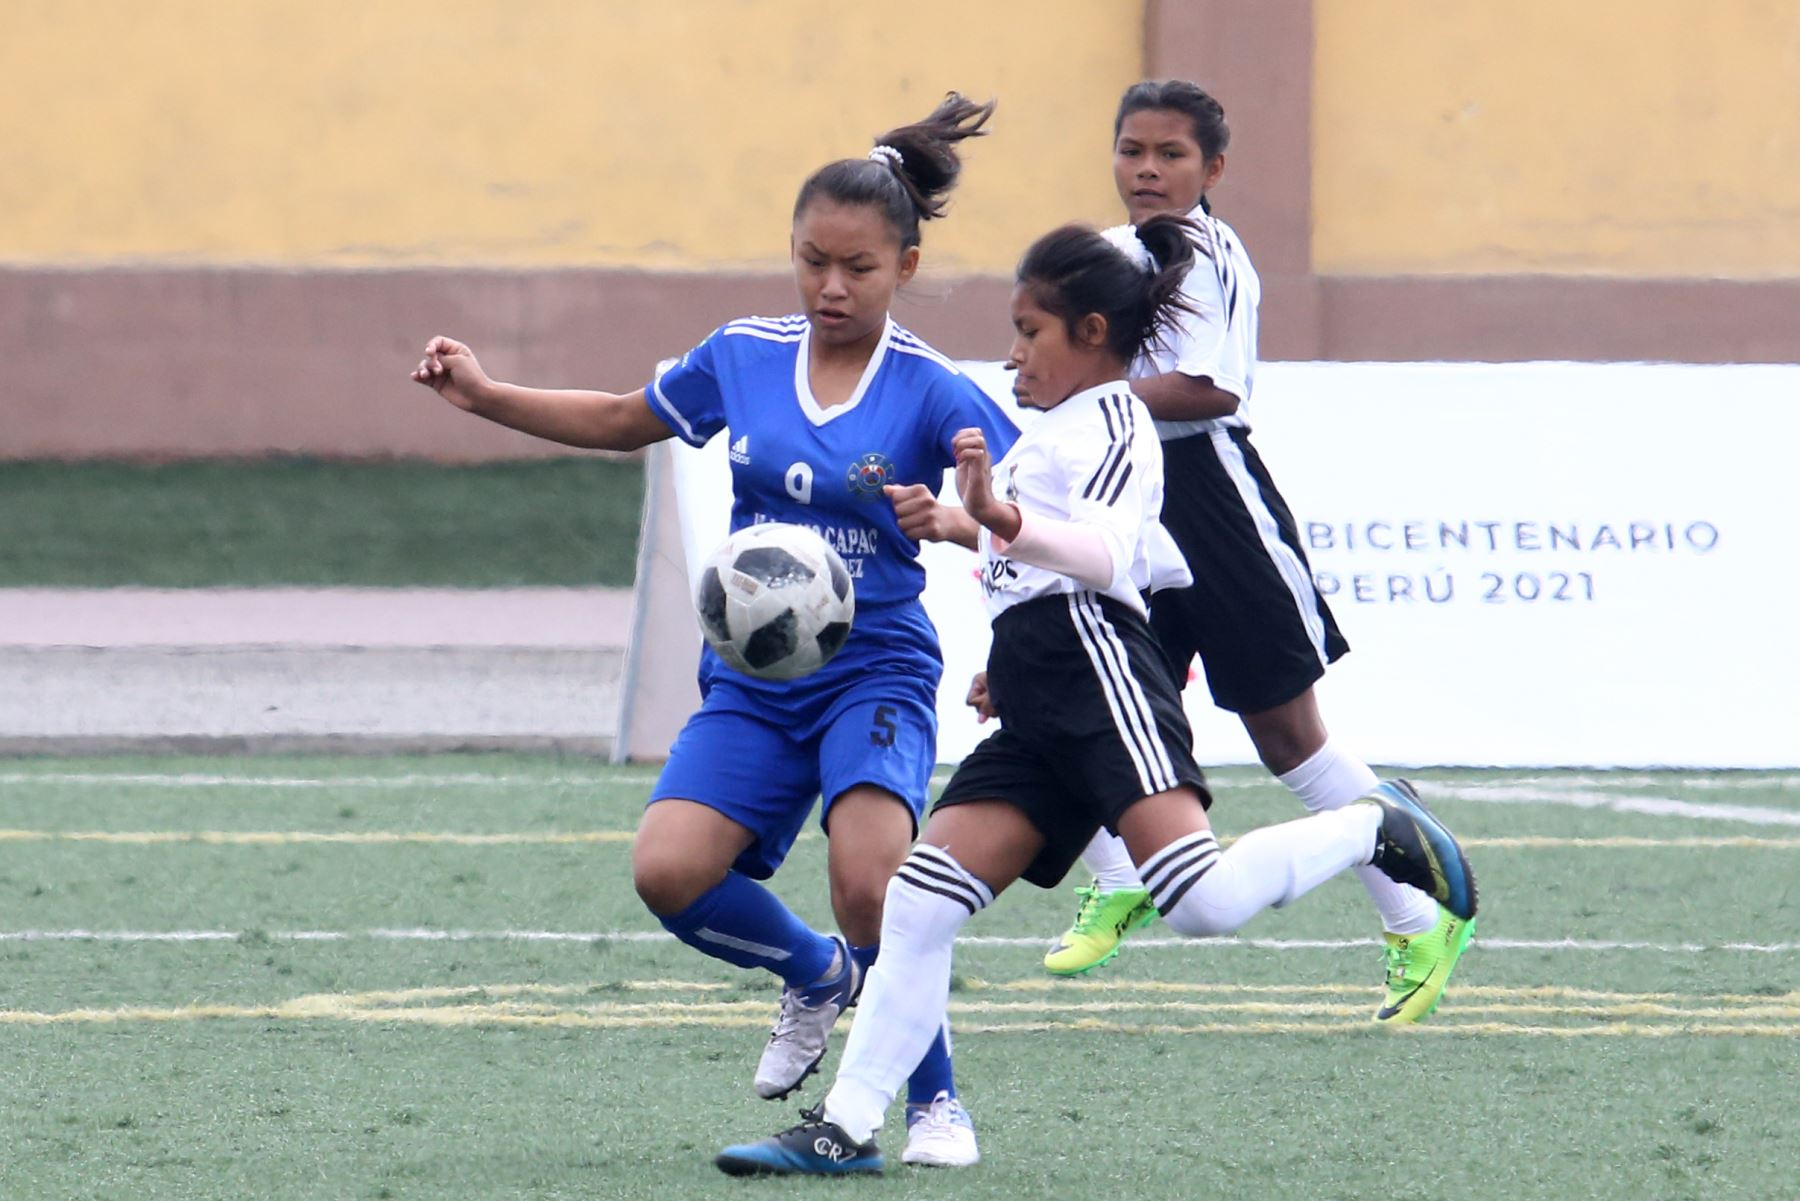 Colegios de Cusco vs Cerro de Pasco participa en categoría Futbol de mujeres los Juegos Escolares 2019.  sede Bartolomé Herrera. Foto: ANDINA/Vidal Tarqui